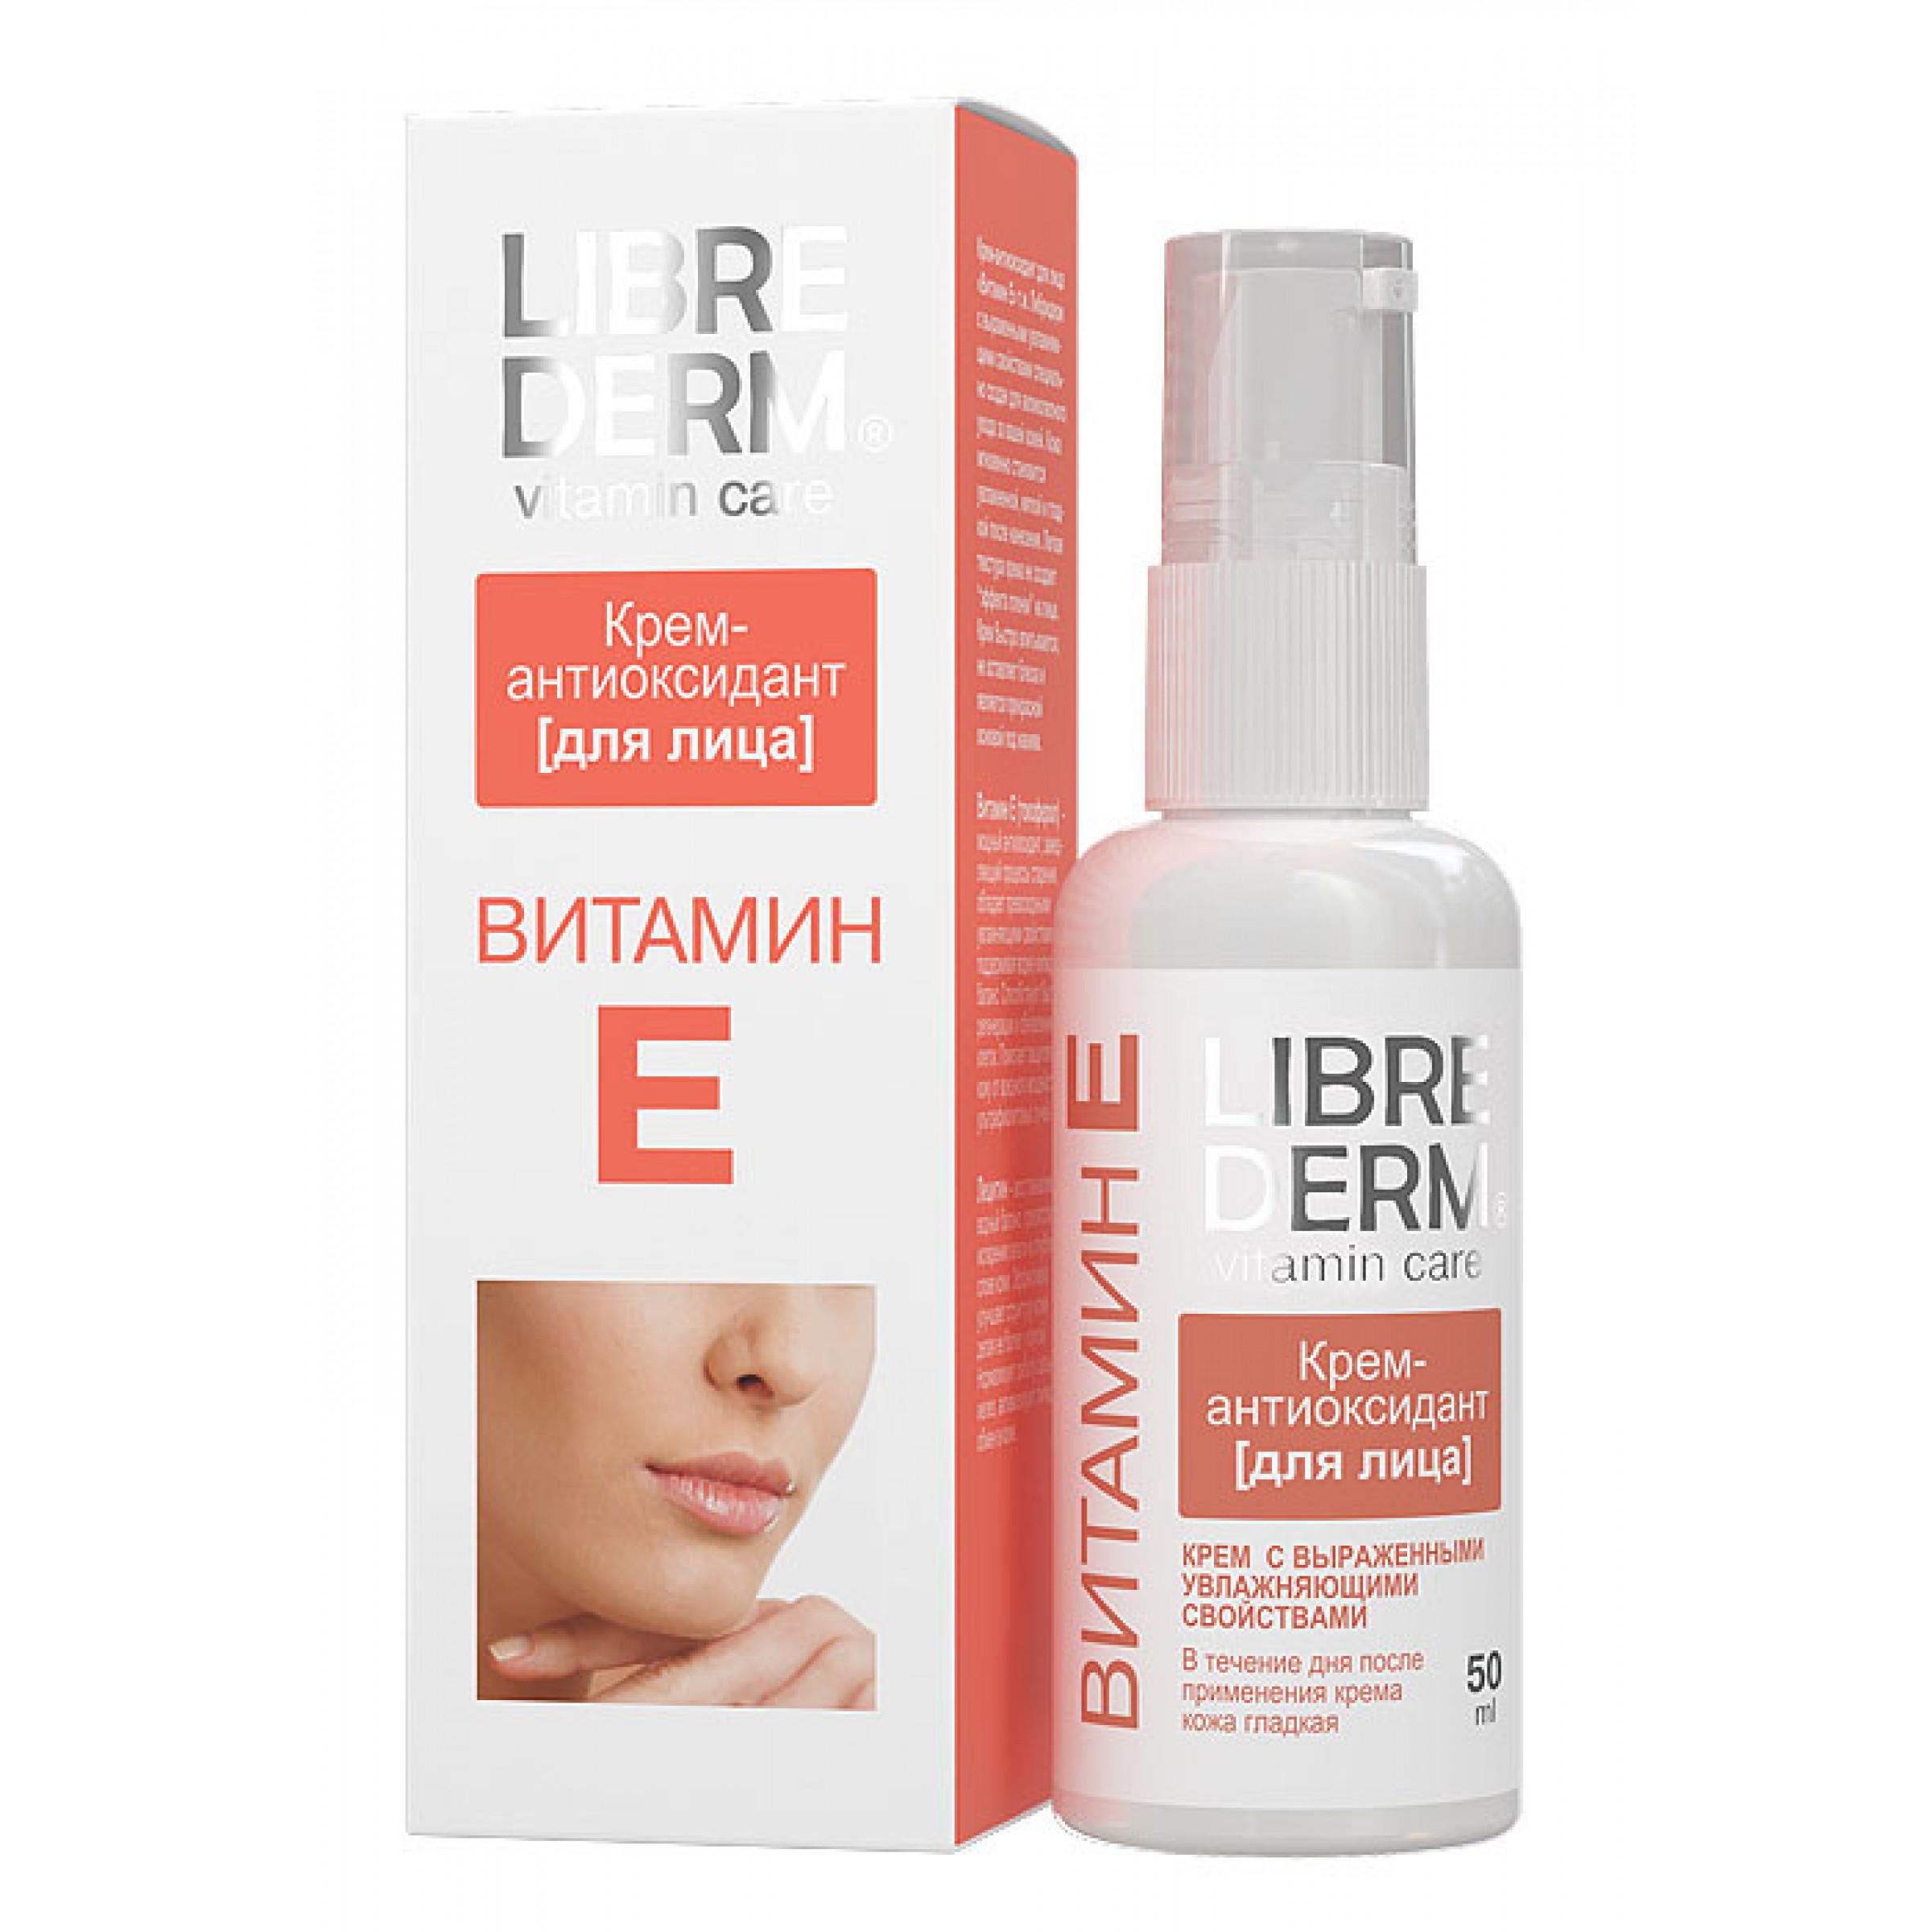 """Librederm Крем-антиоксидант для лица """"Витамин Е"""", с увлажняющими свойствами, 50 мл"""